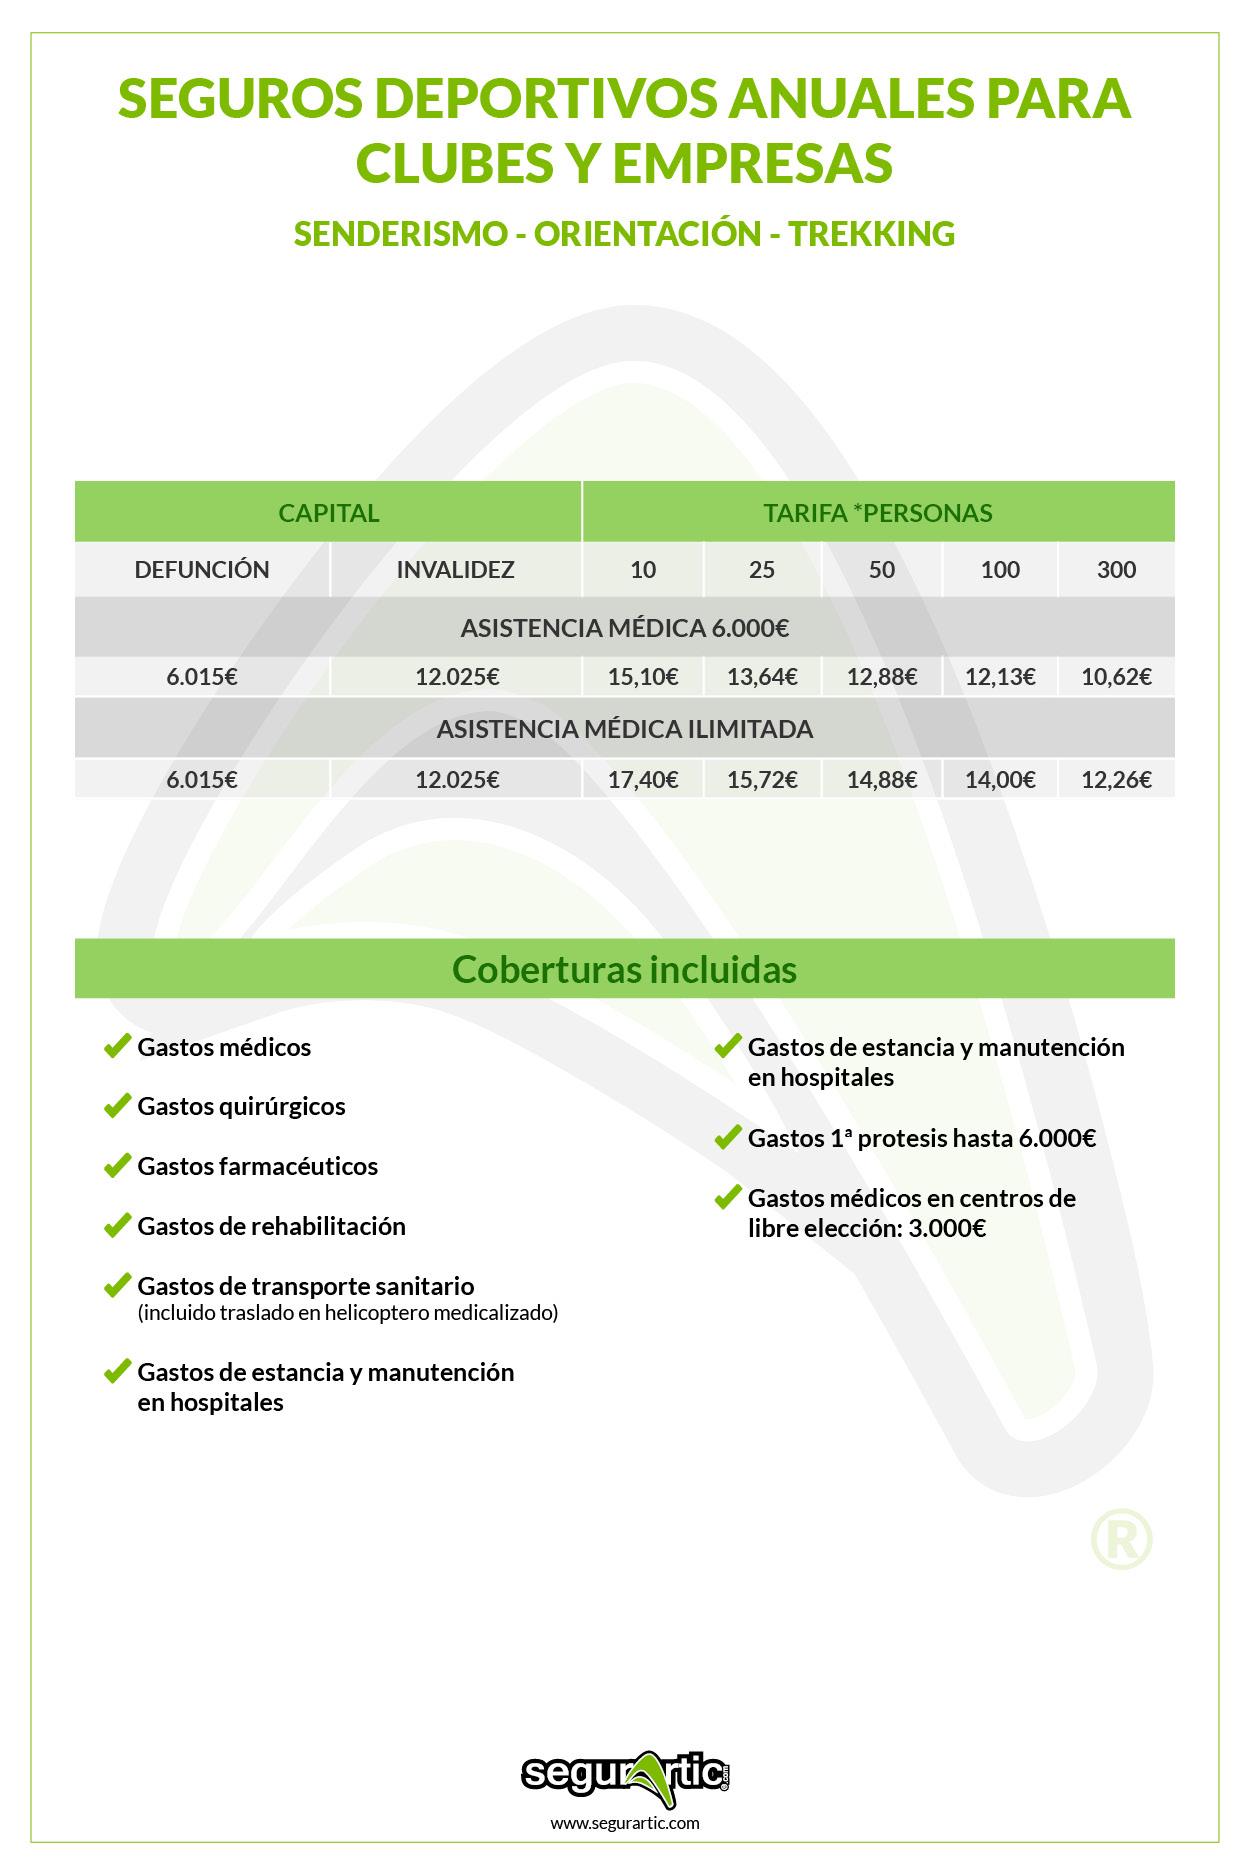 seguro-deportivos-anuales-clubes-empresas-senderismo-orientacion-trekking-segurartic